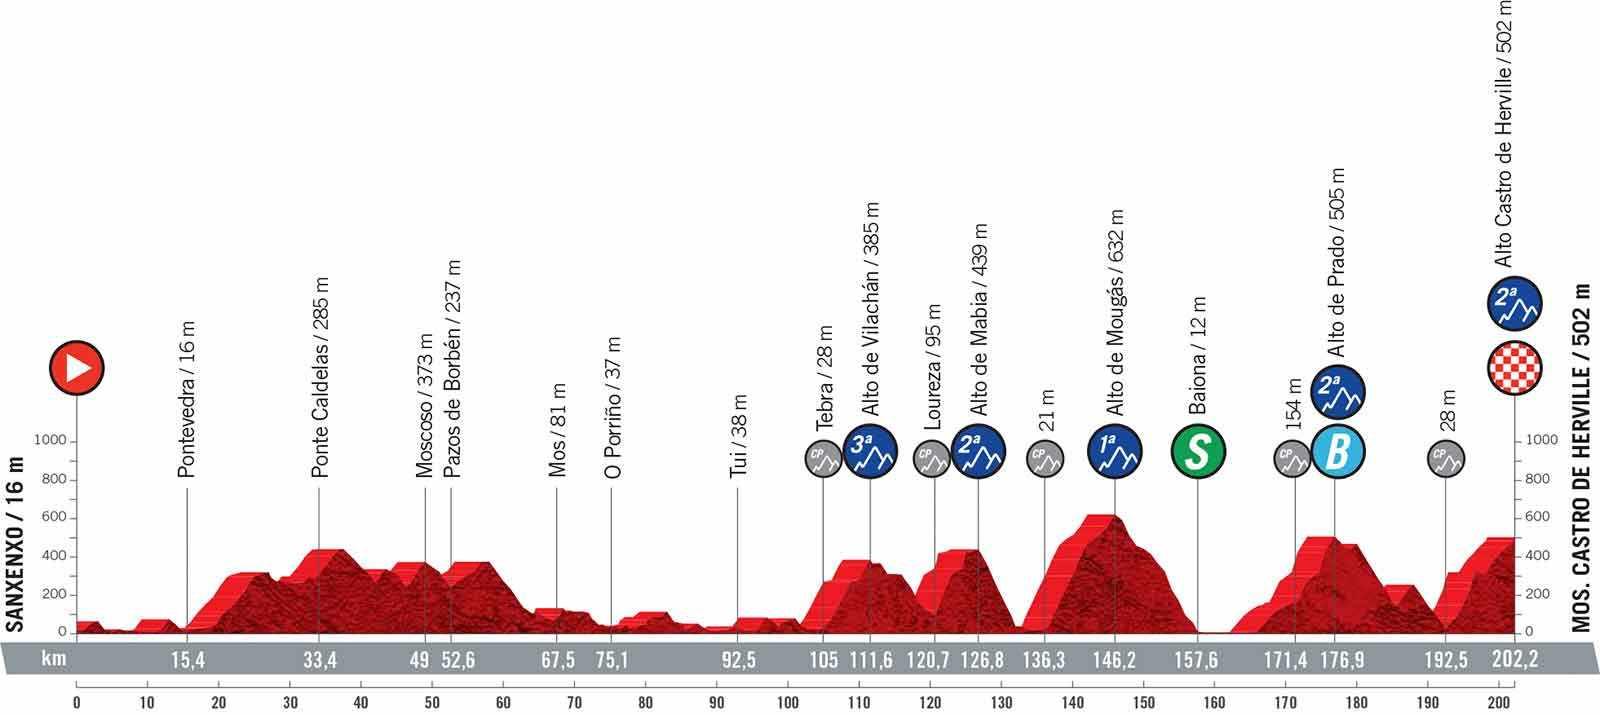 Die weiteren Etappen der Vuelta 2021